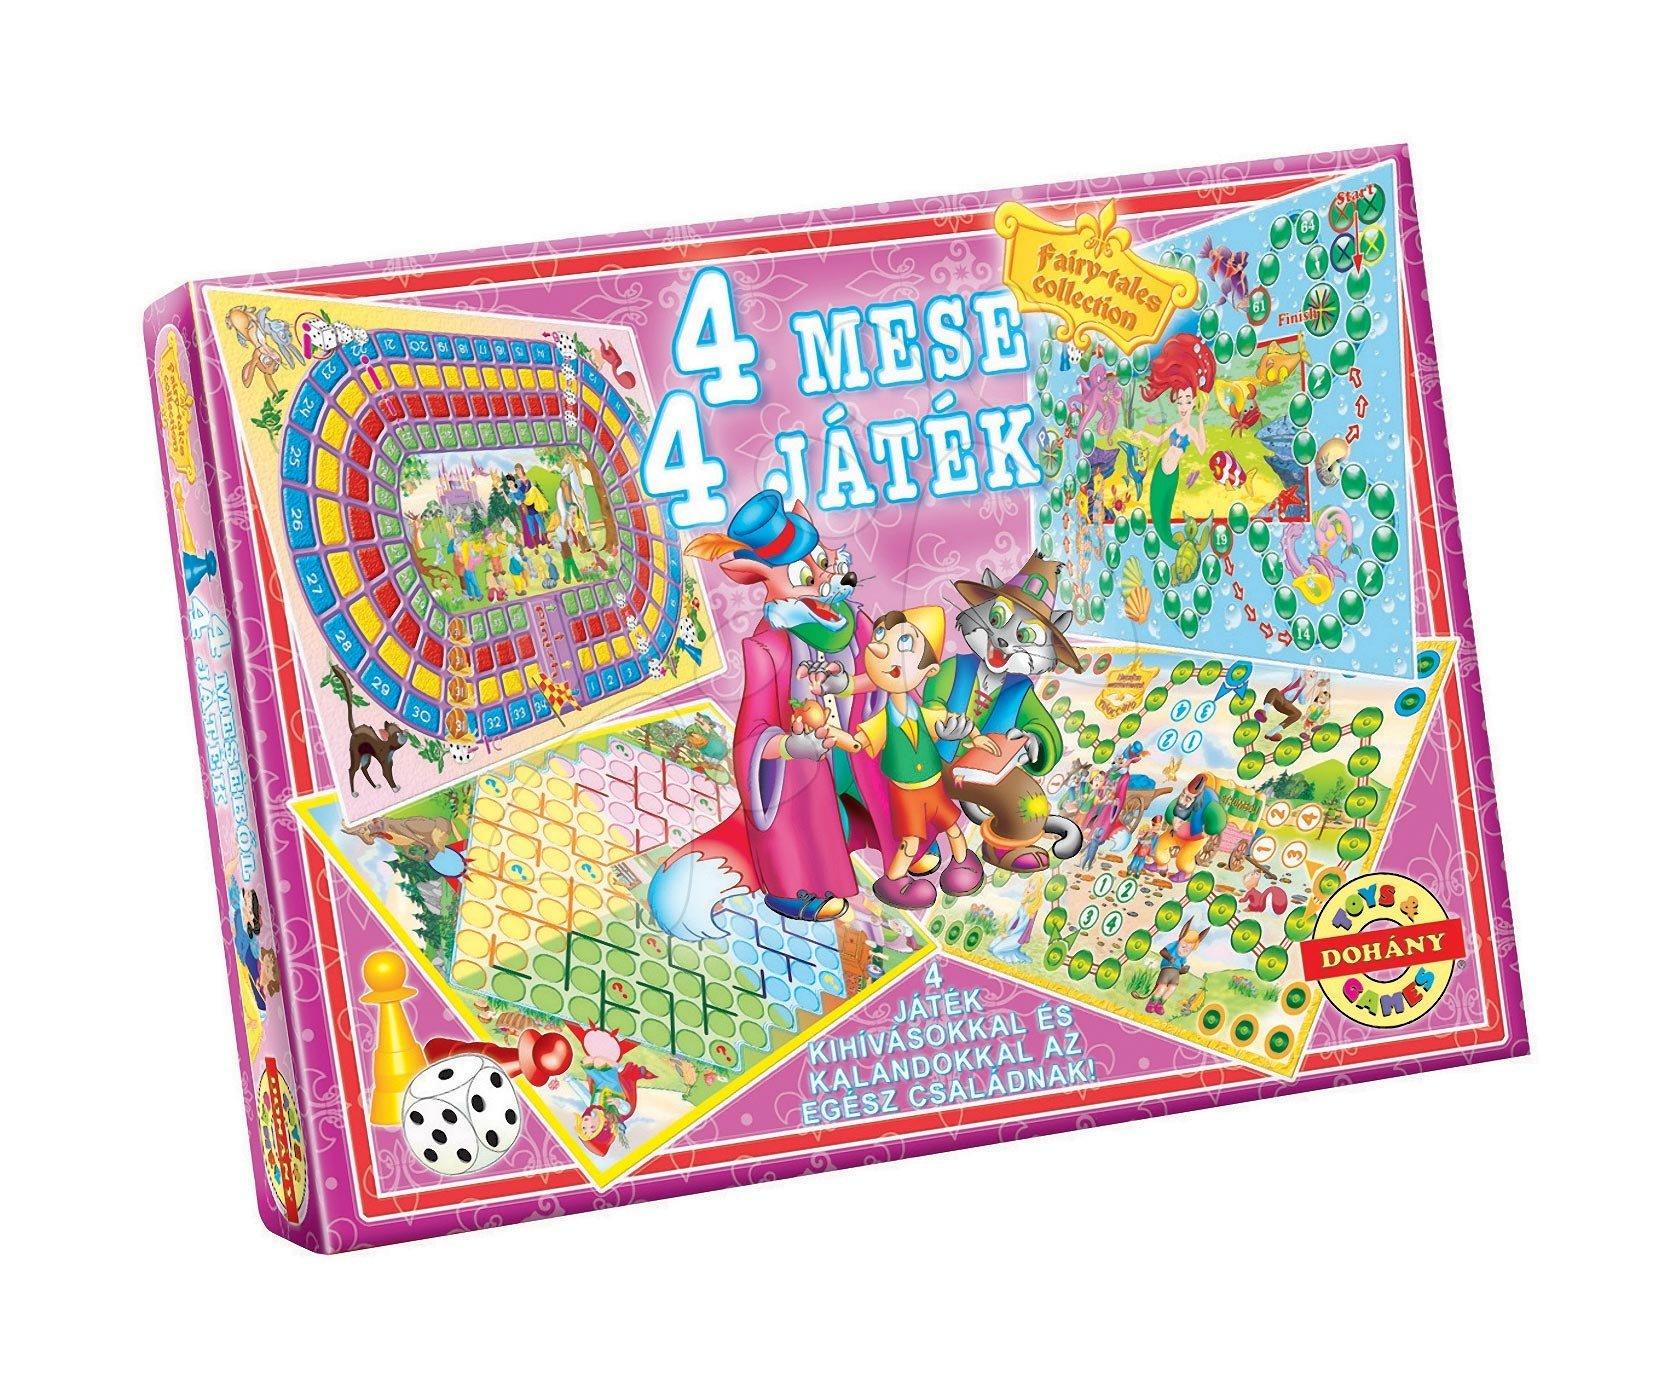 Spoločenské hry pre deti - Sada spoločenských hier 4 rozprávky Dohány